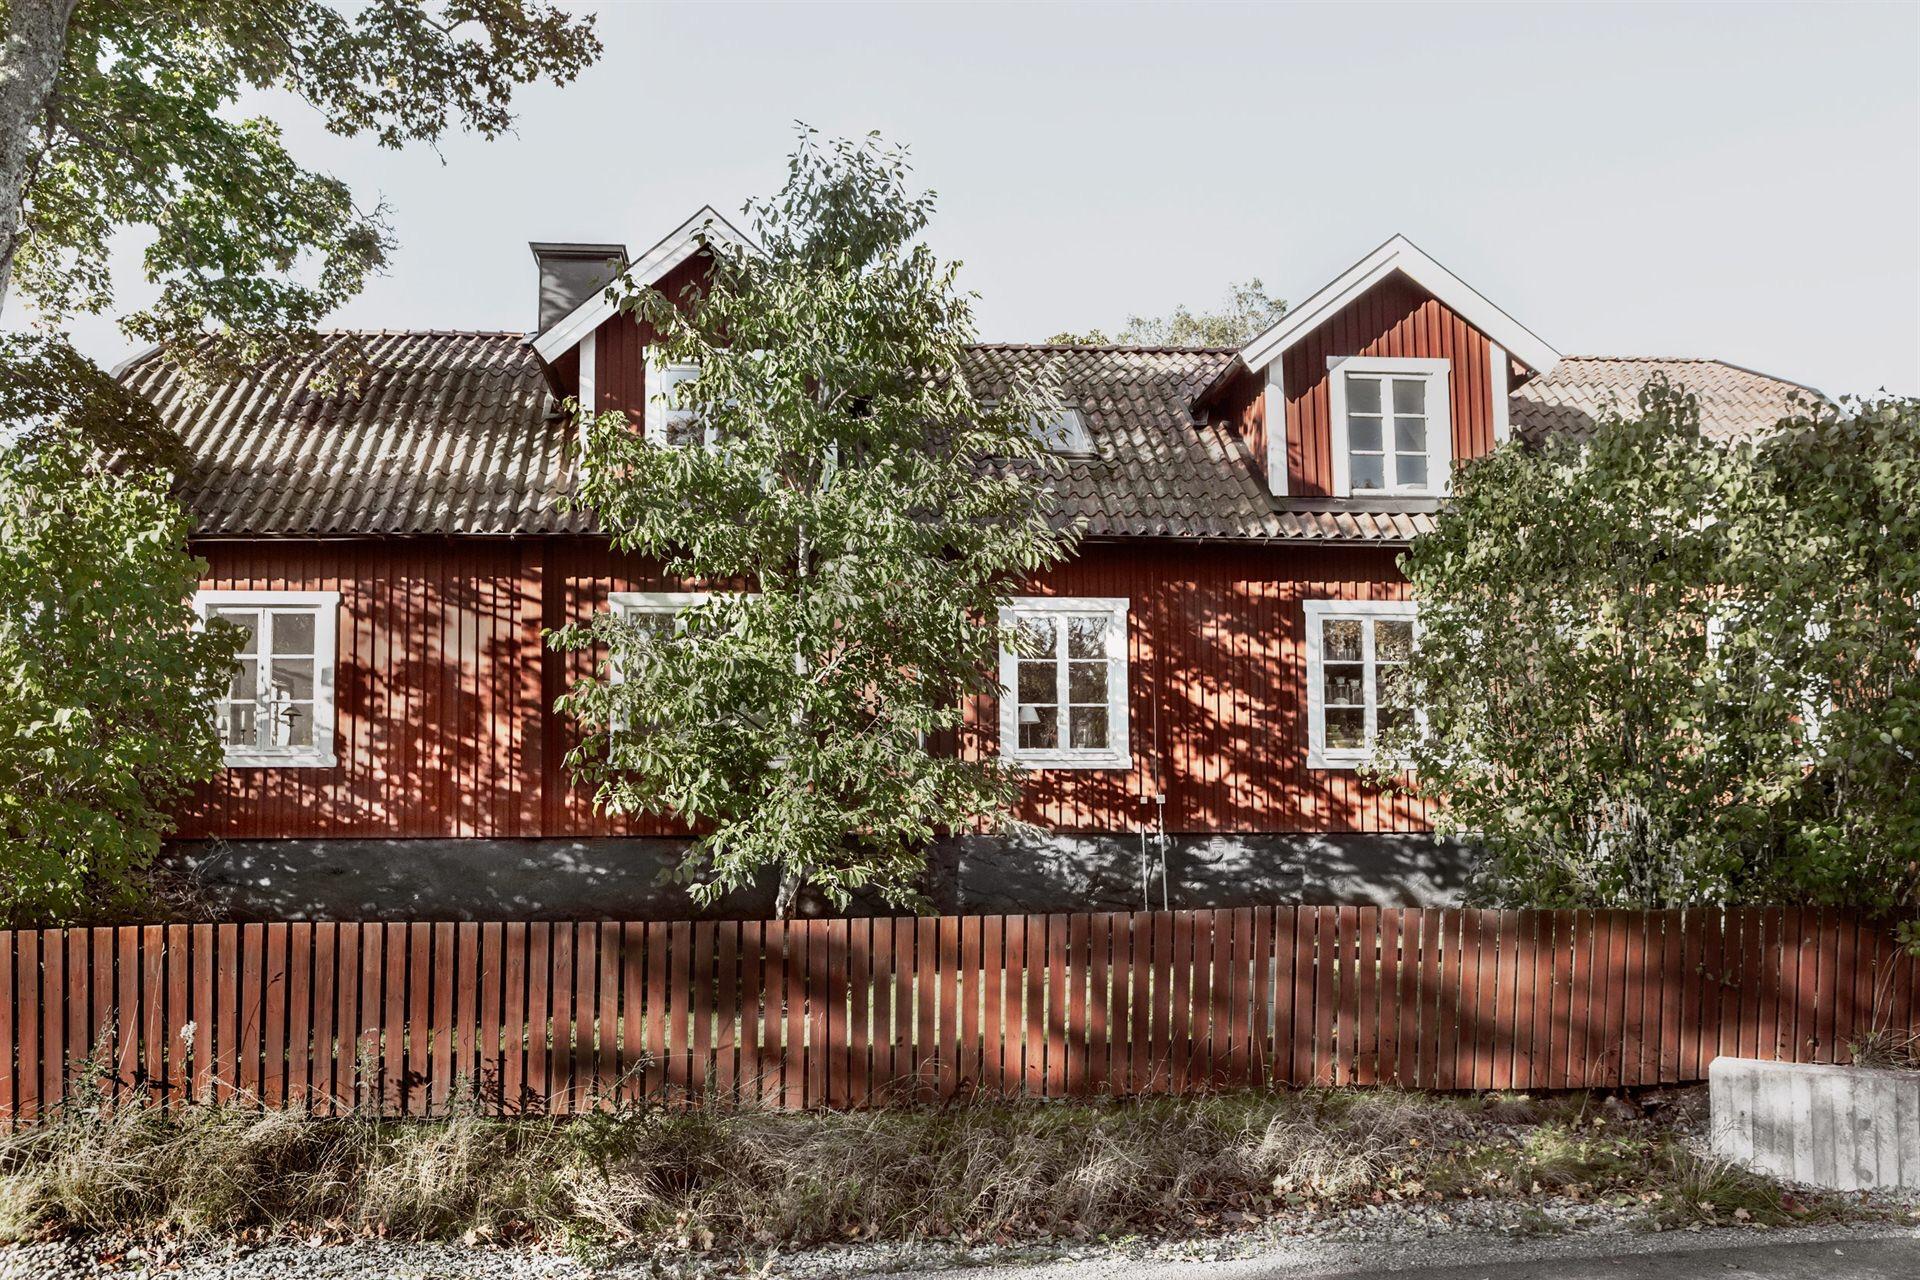 фасад загородного деревянного дома забор